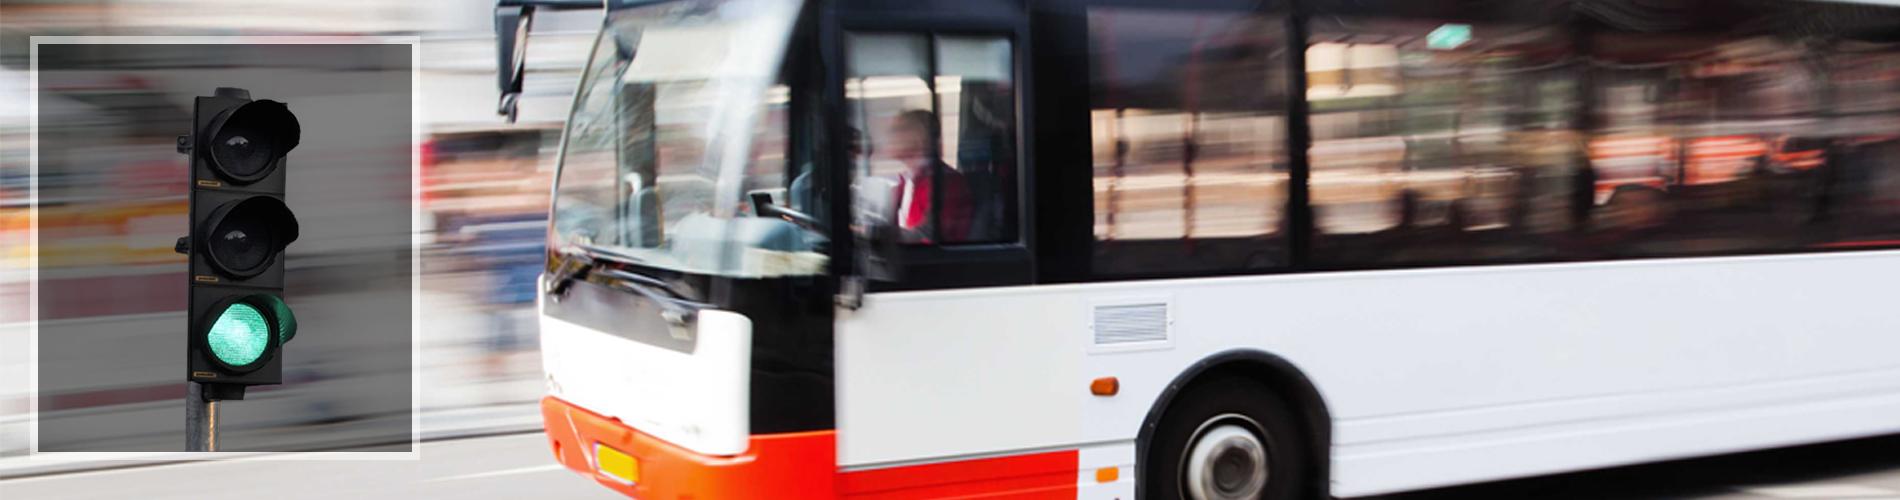 Système radio de priorité aux feux de trafic pour bus tramways